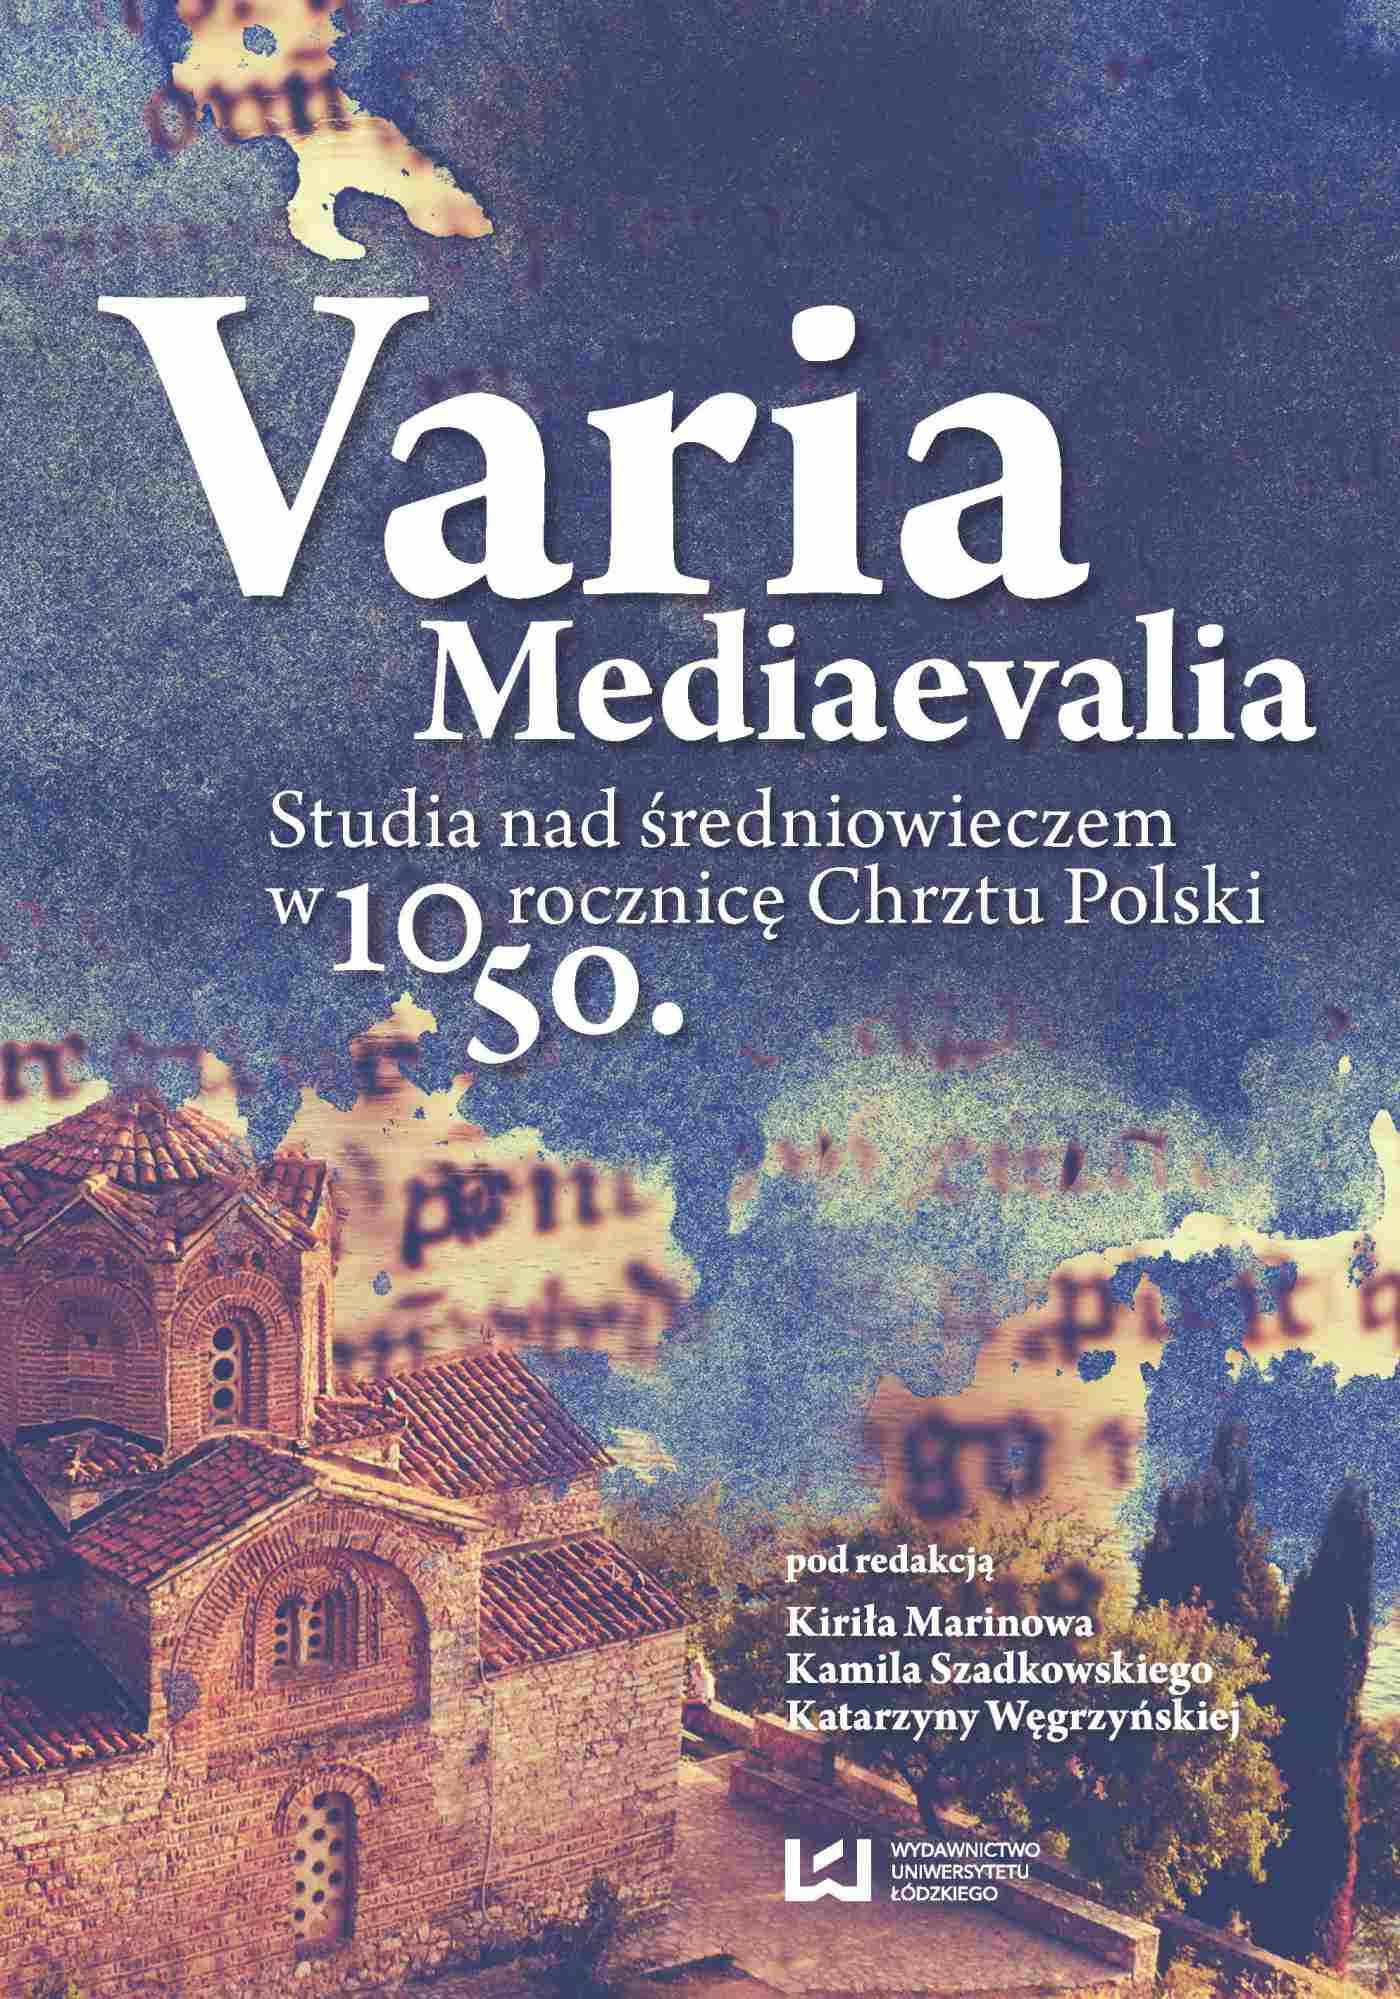 Varia Mediaevalia. Studia nad średniowieczem w 1050. rocznicę Chrztu Polski - Ebook (Książka PDF) do pobrania w formacie PDF